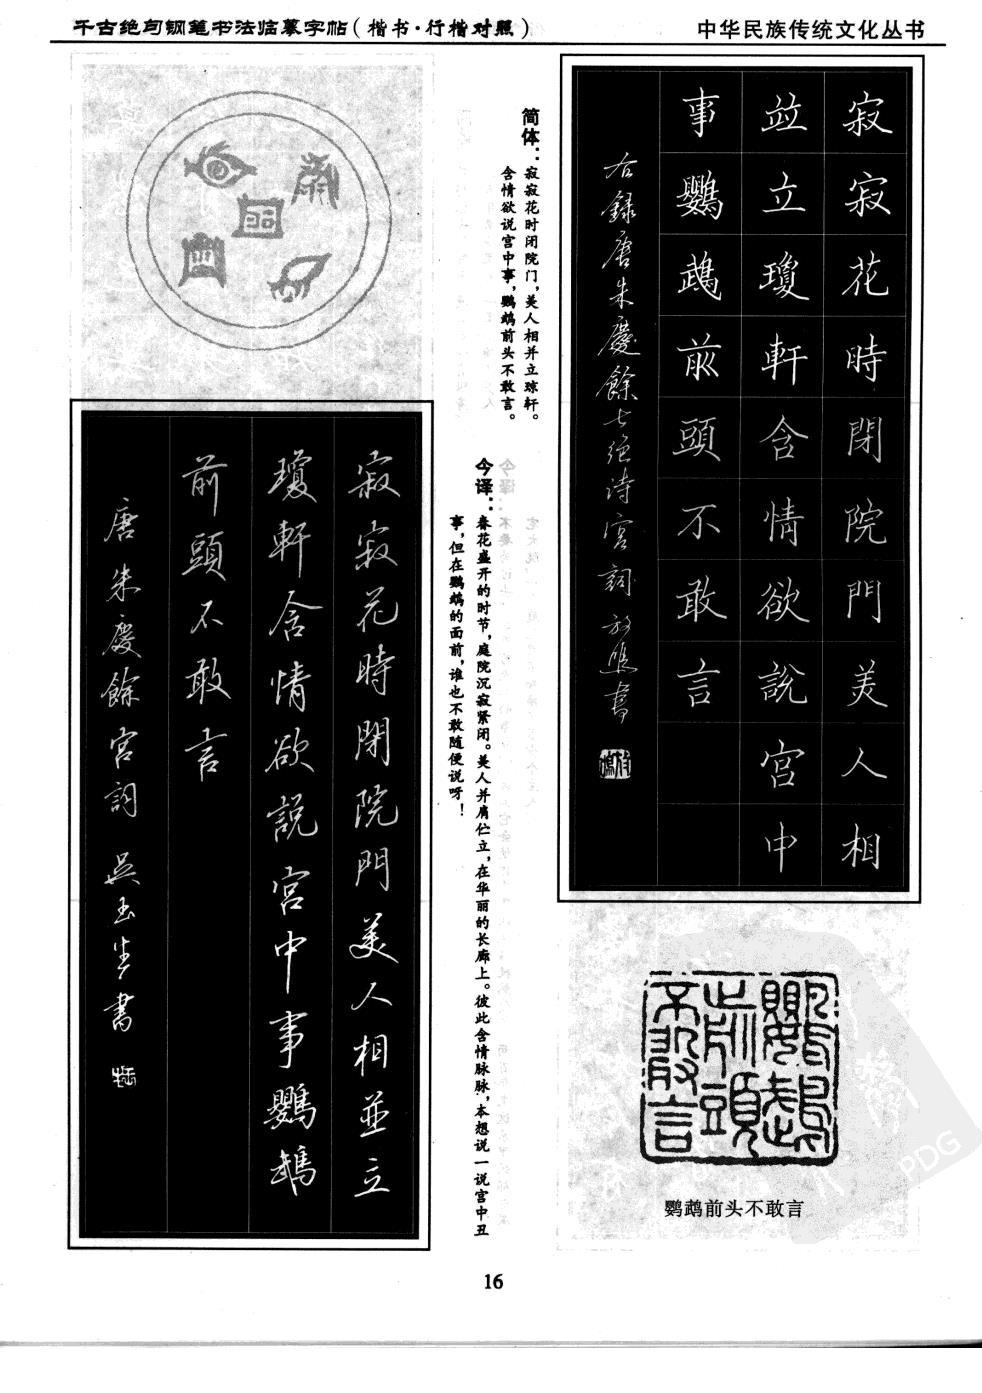 李放鸣吴玉生行楷对照钢笔临摹千古绝句(干货)